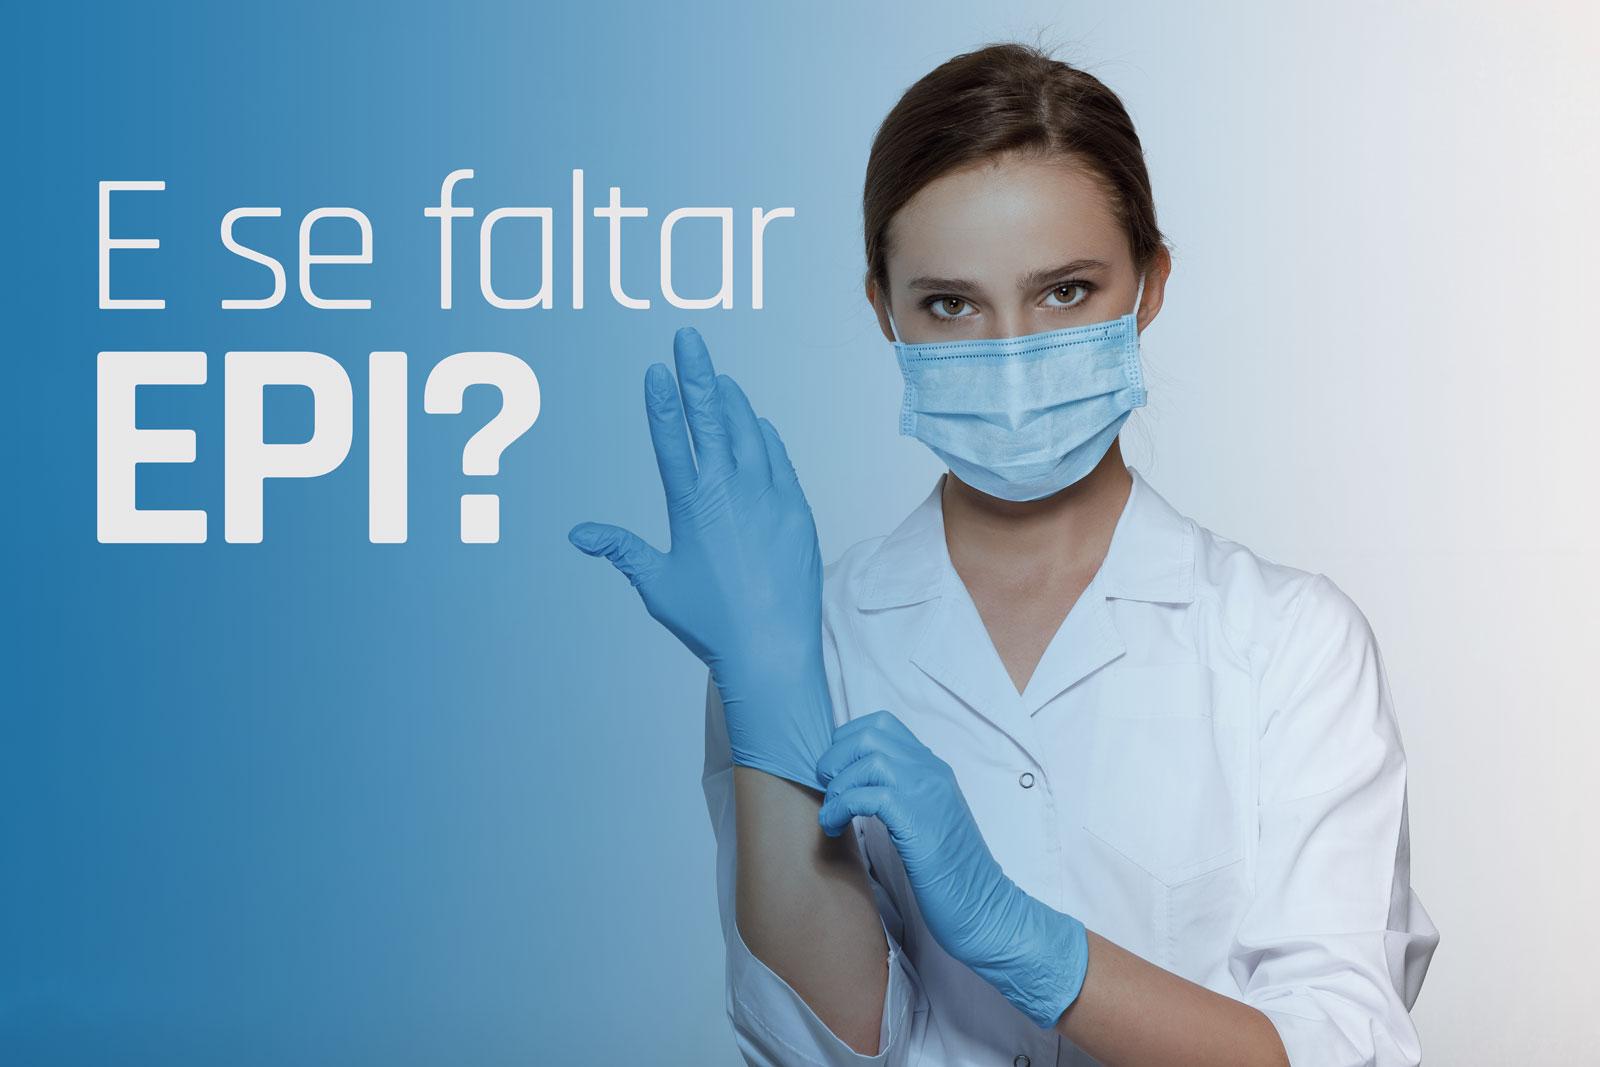 Como fica a área odontológica com a falta de EPI devido ao surto de coronavírus.